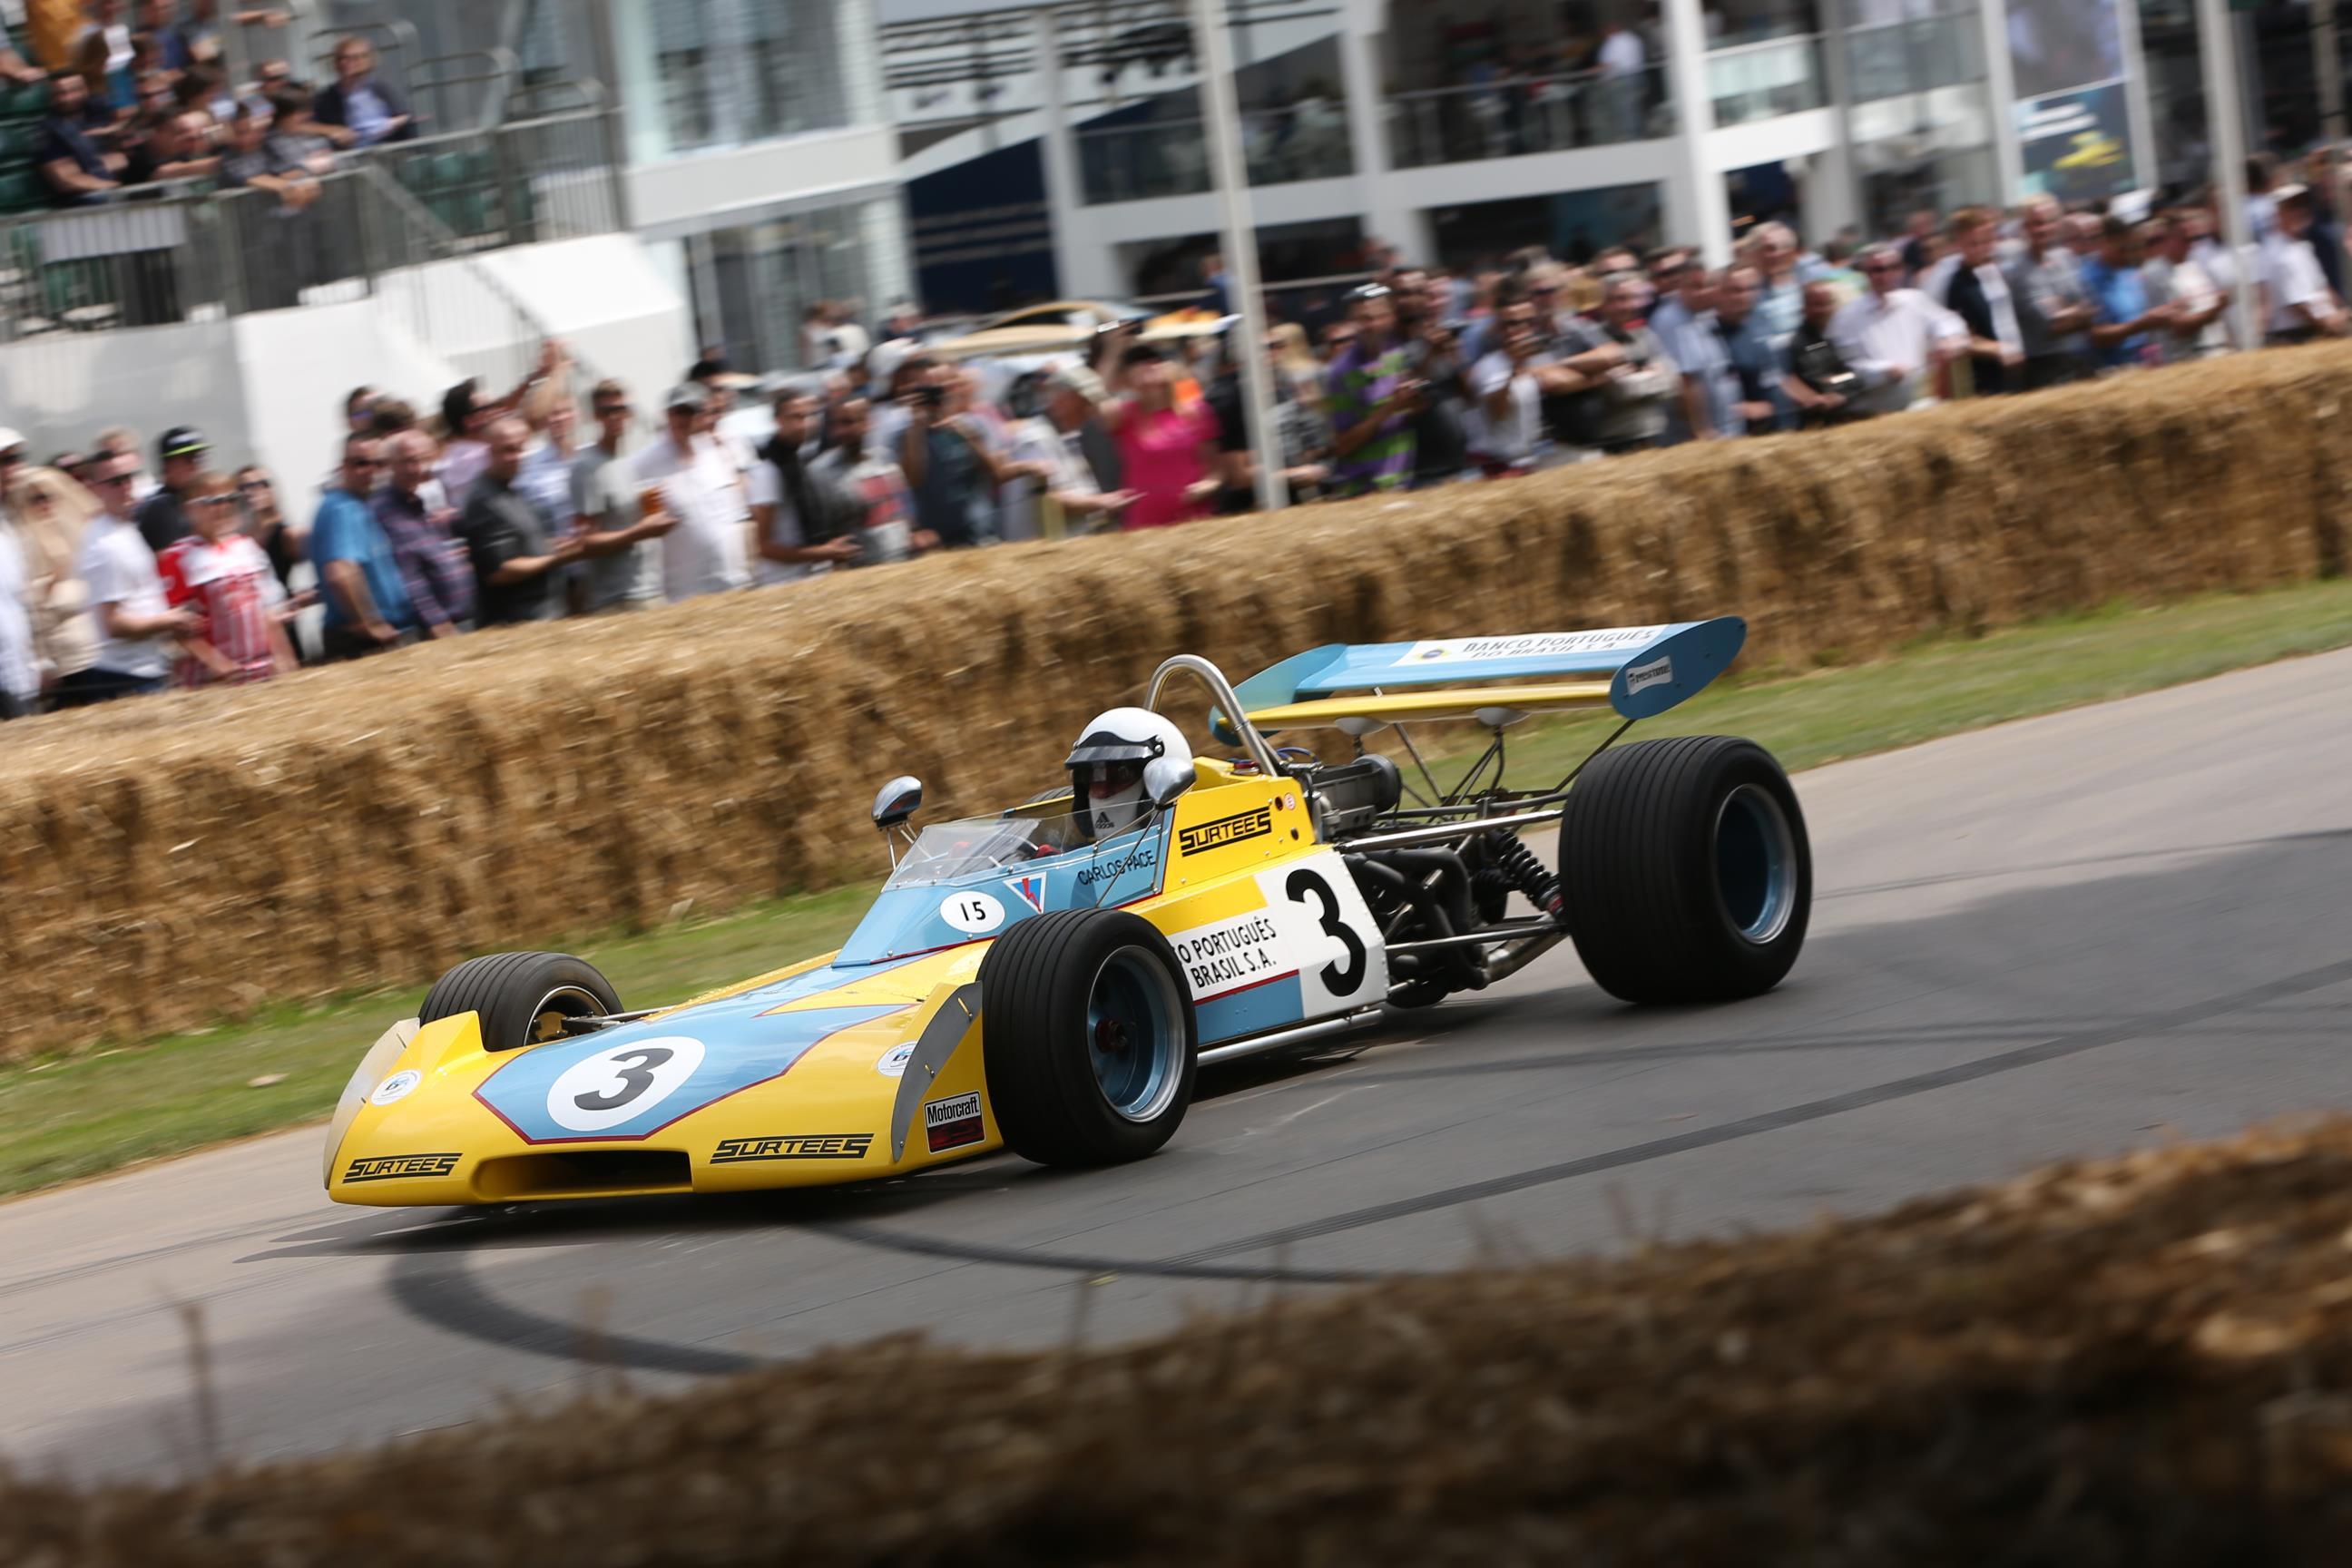 Surtees-01(1)